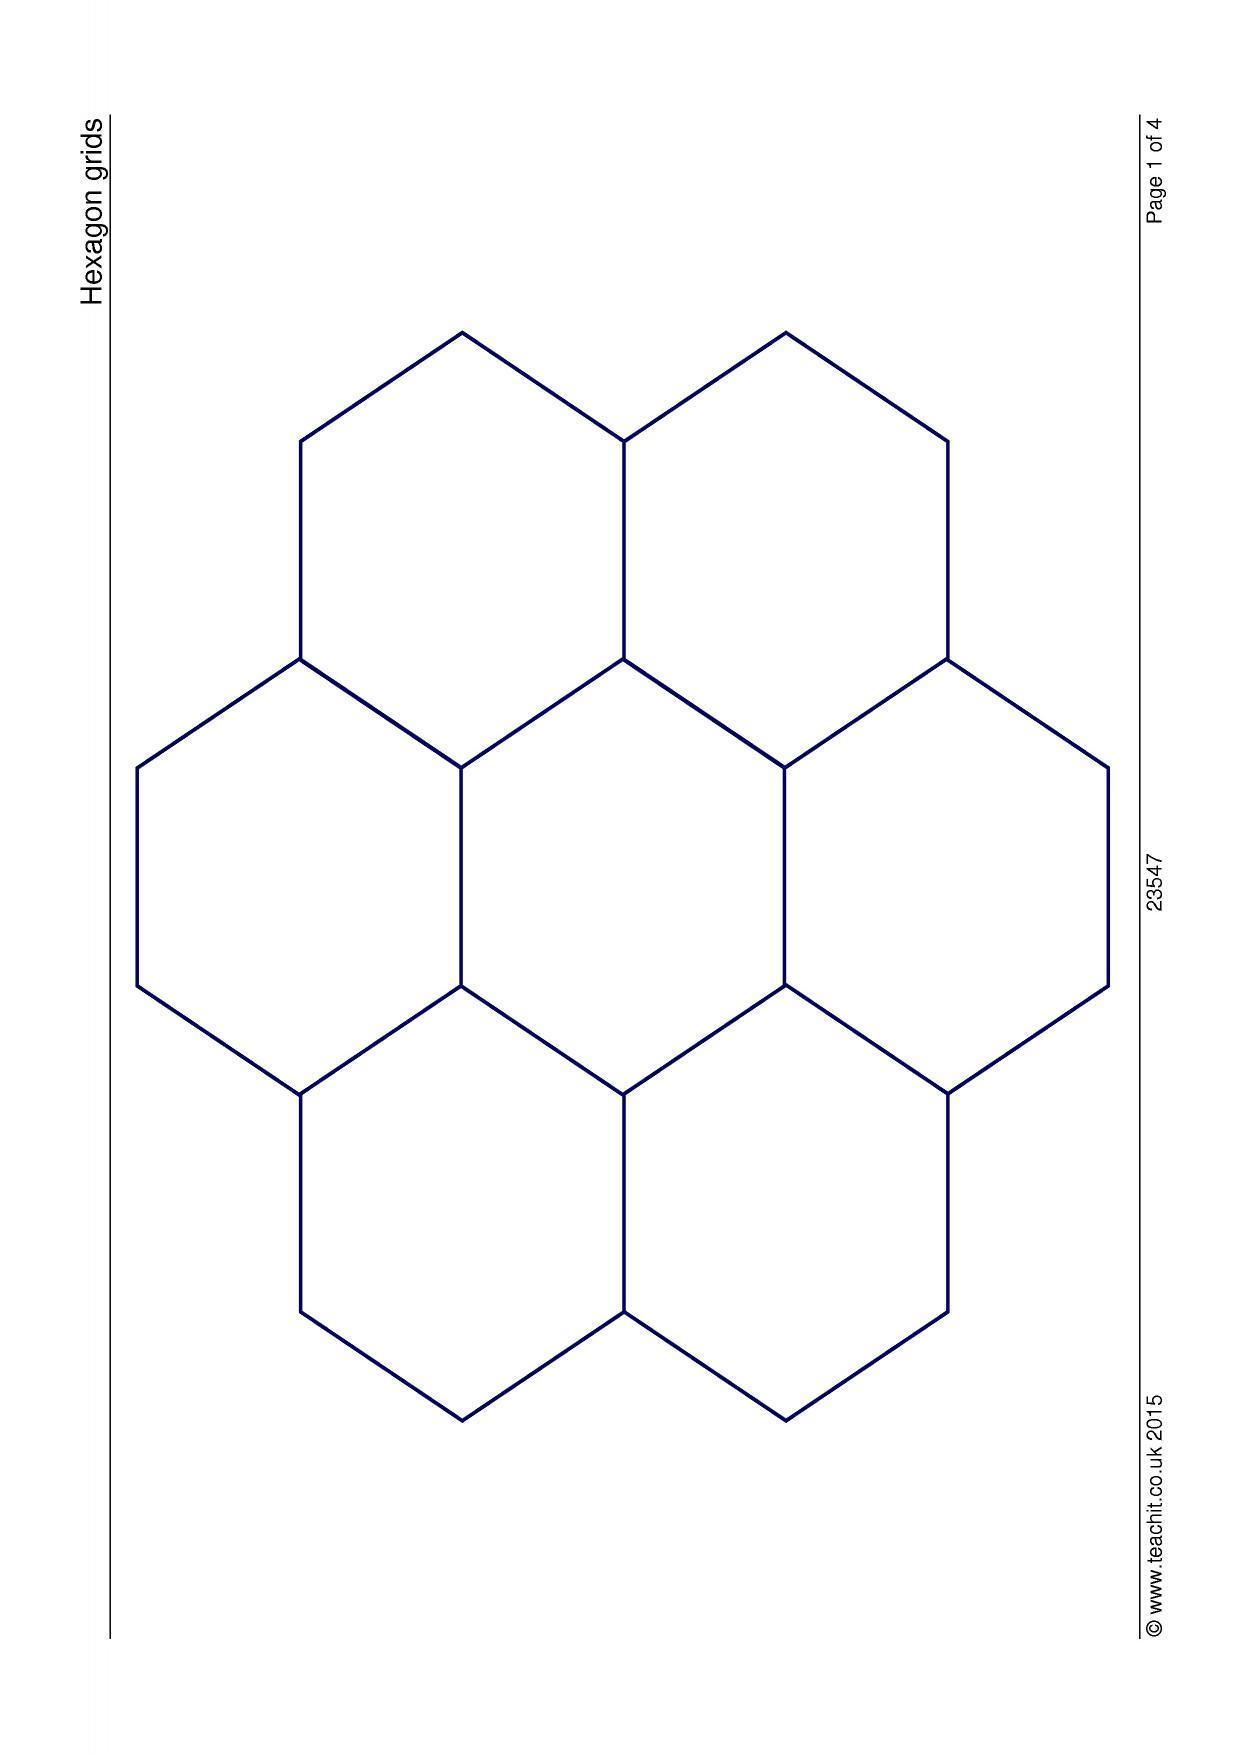 Hexagon grids